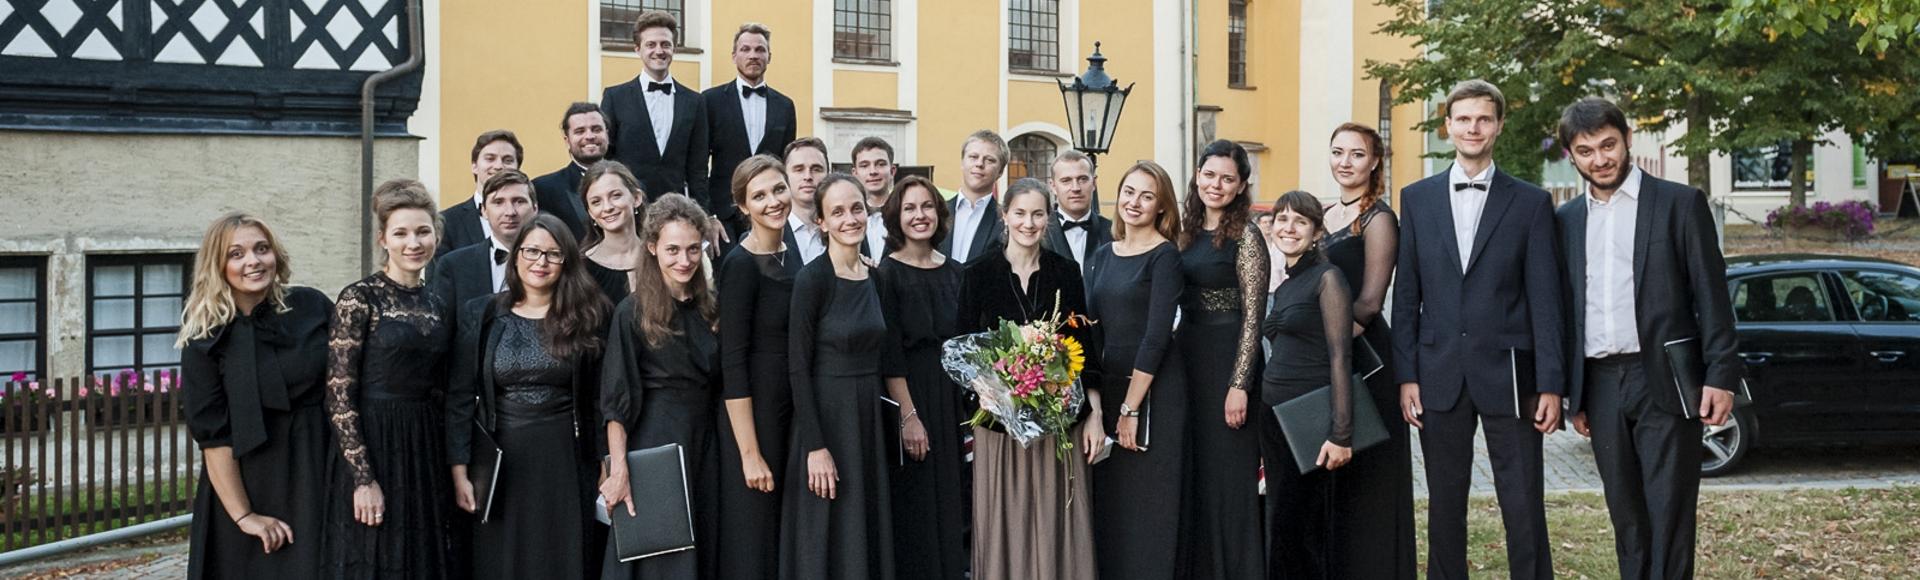 «young choral miracle».Ekaterina Biryukova, colta.ru